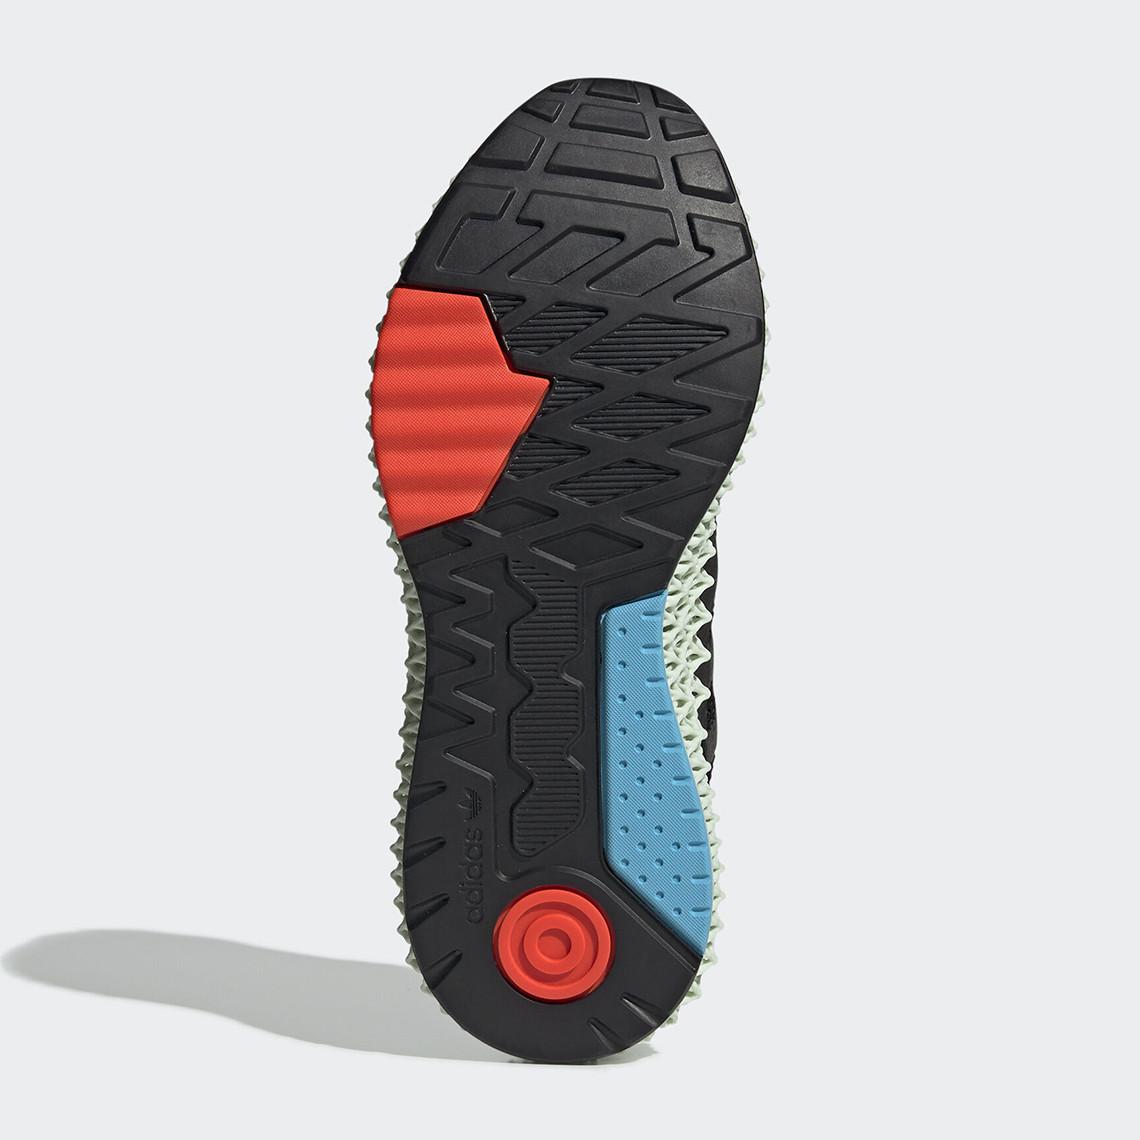 6 phát hành giày thể thao ấn tượng sắp ra mắt (28/10- 4/11/2019) - Hình 9